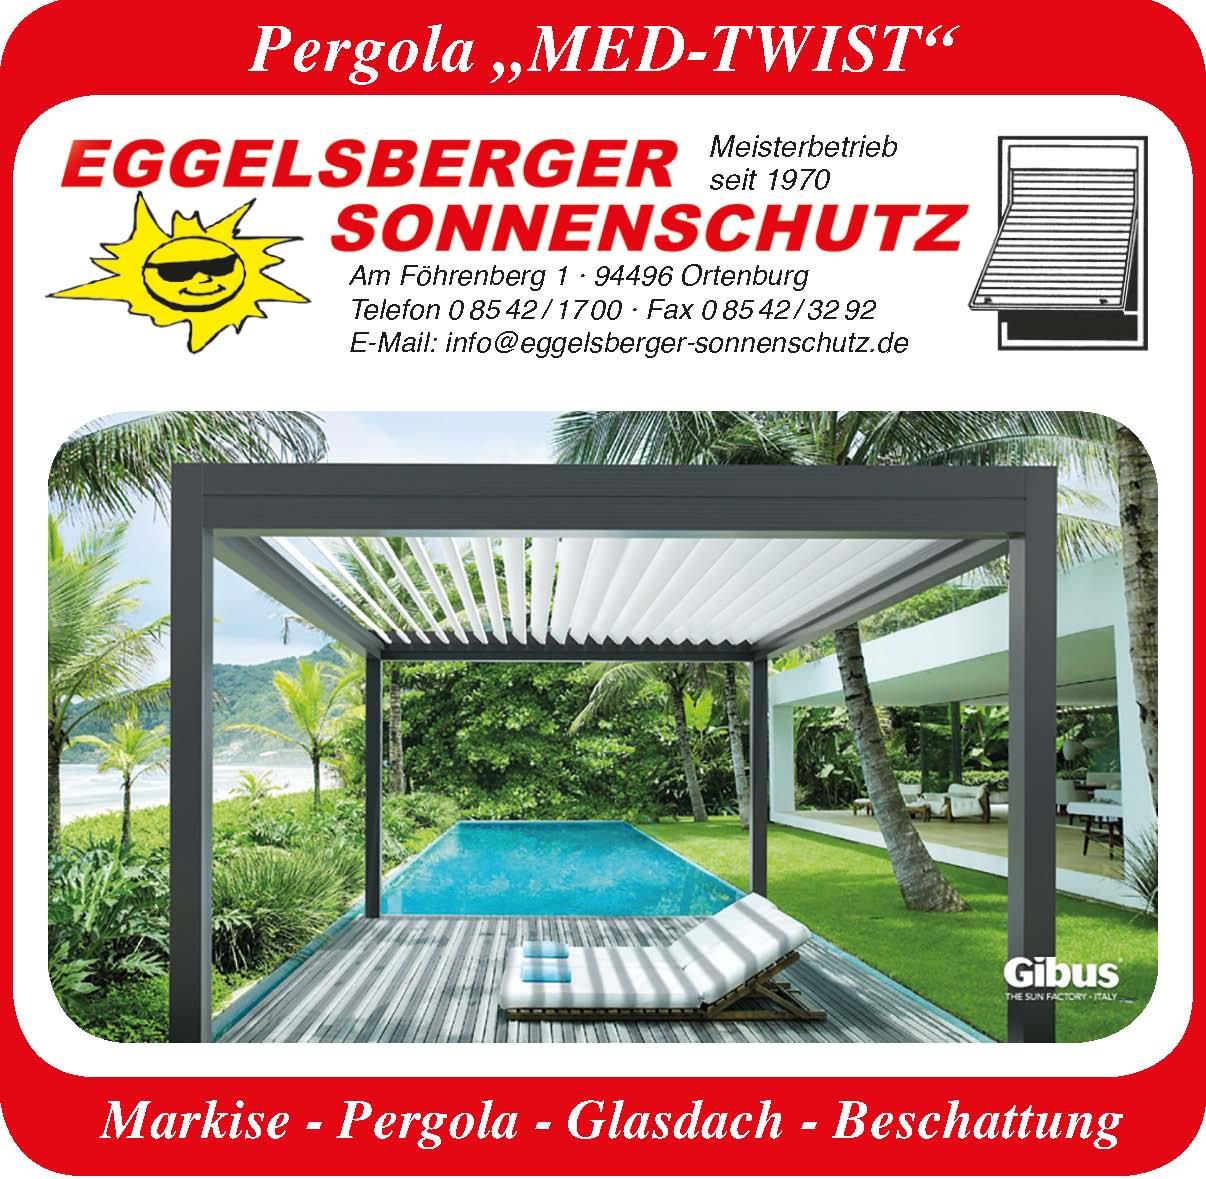 Eggelsberger Sonnenschutz